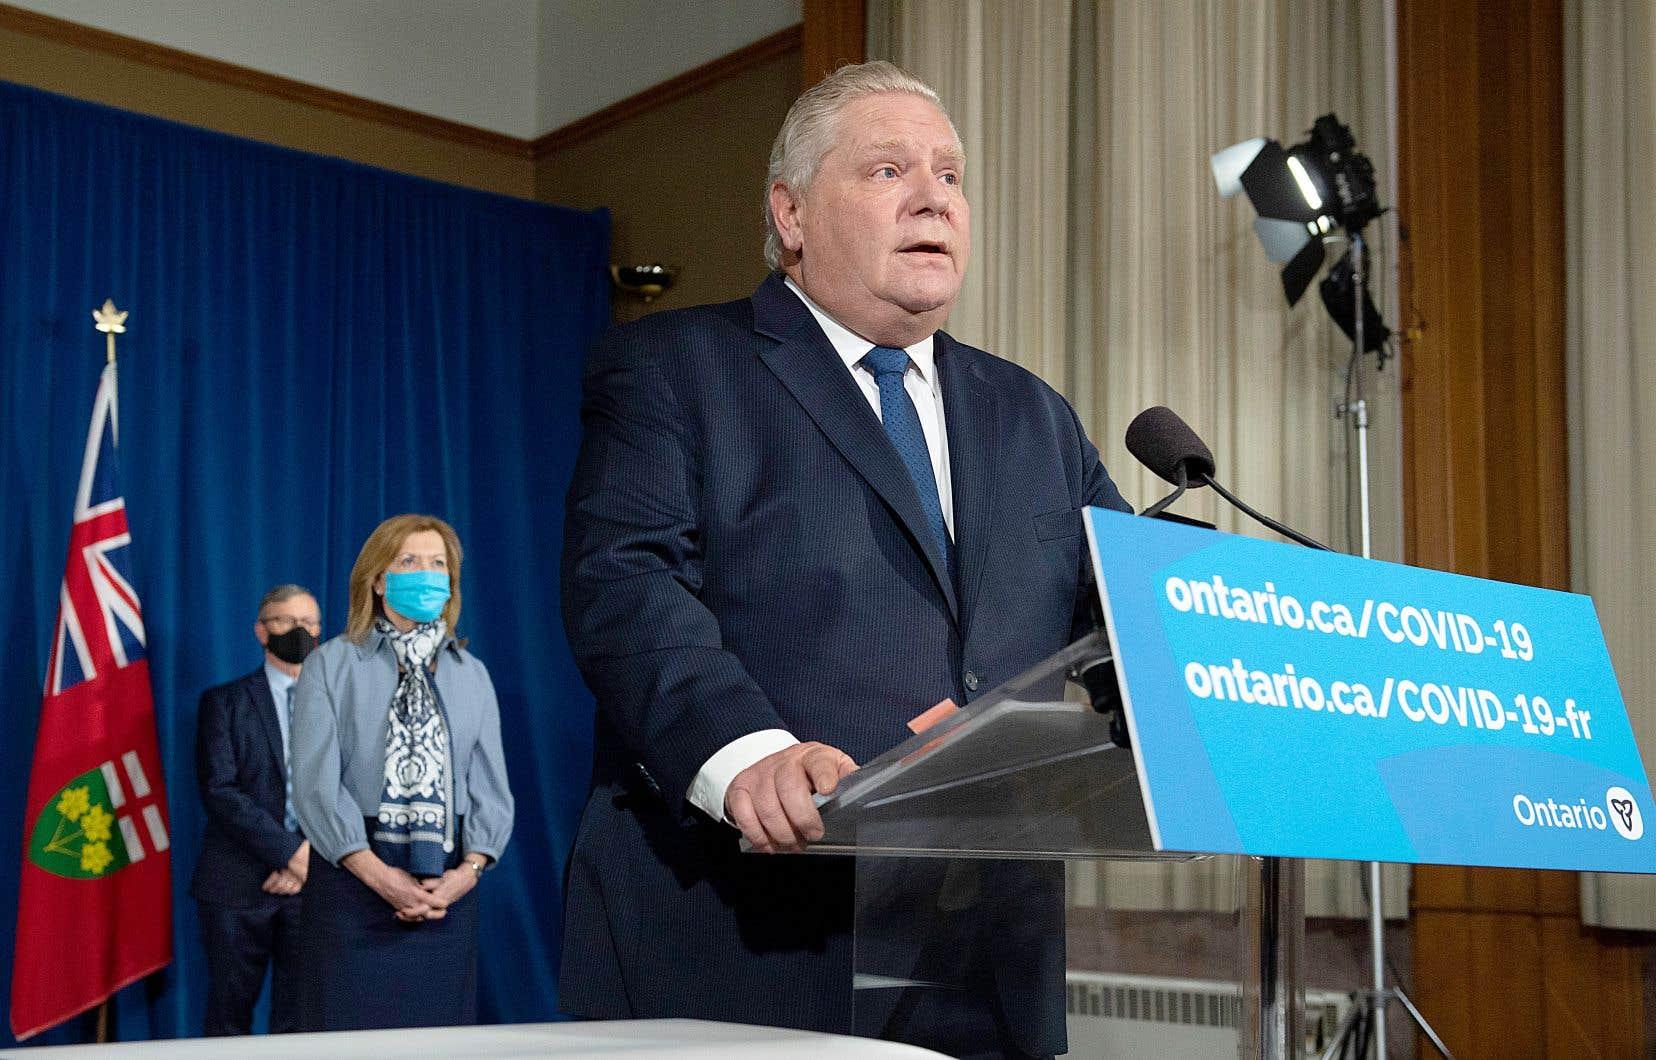 Le premier ministre de l'Ontario, Doug Ford, a annoncé mardi l'état d'urgence et un confinement de 28 jours dans la province.